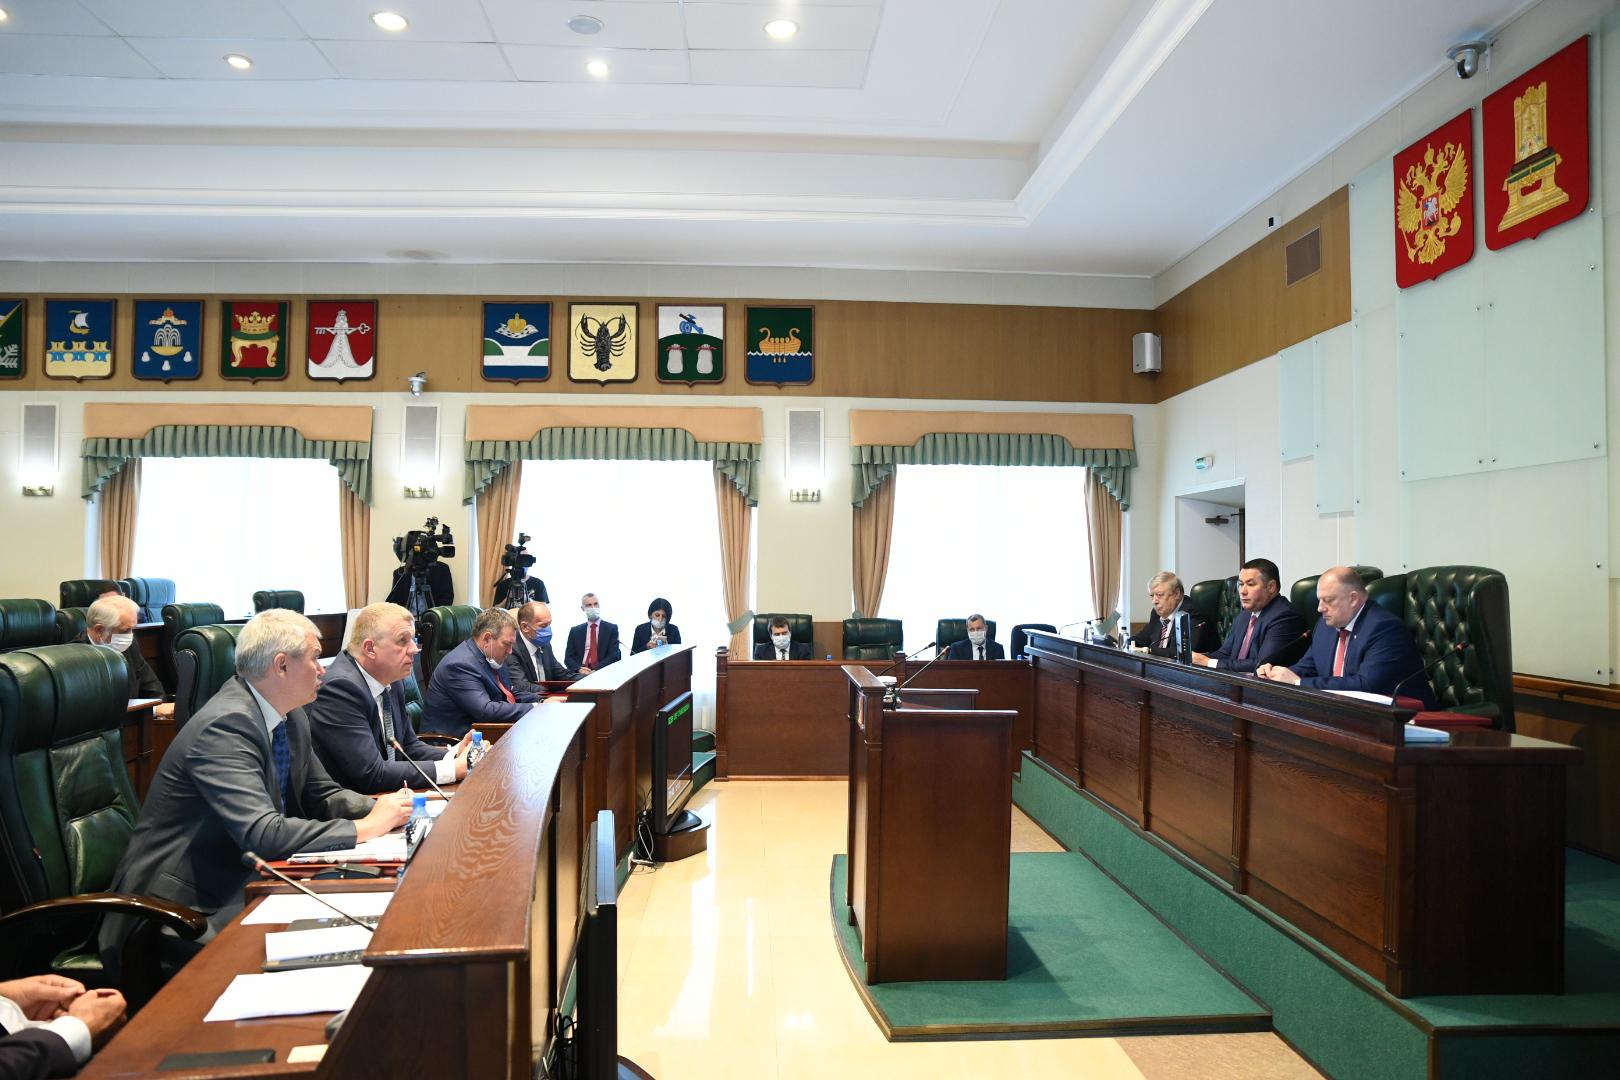 Игорь Руденя представил в Законодательном Собрании отчет об итогах работы правительства Тверской области в 2019 году